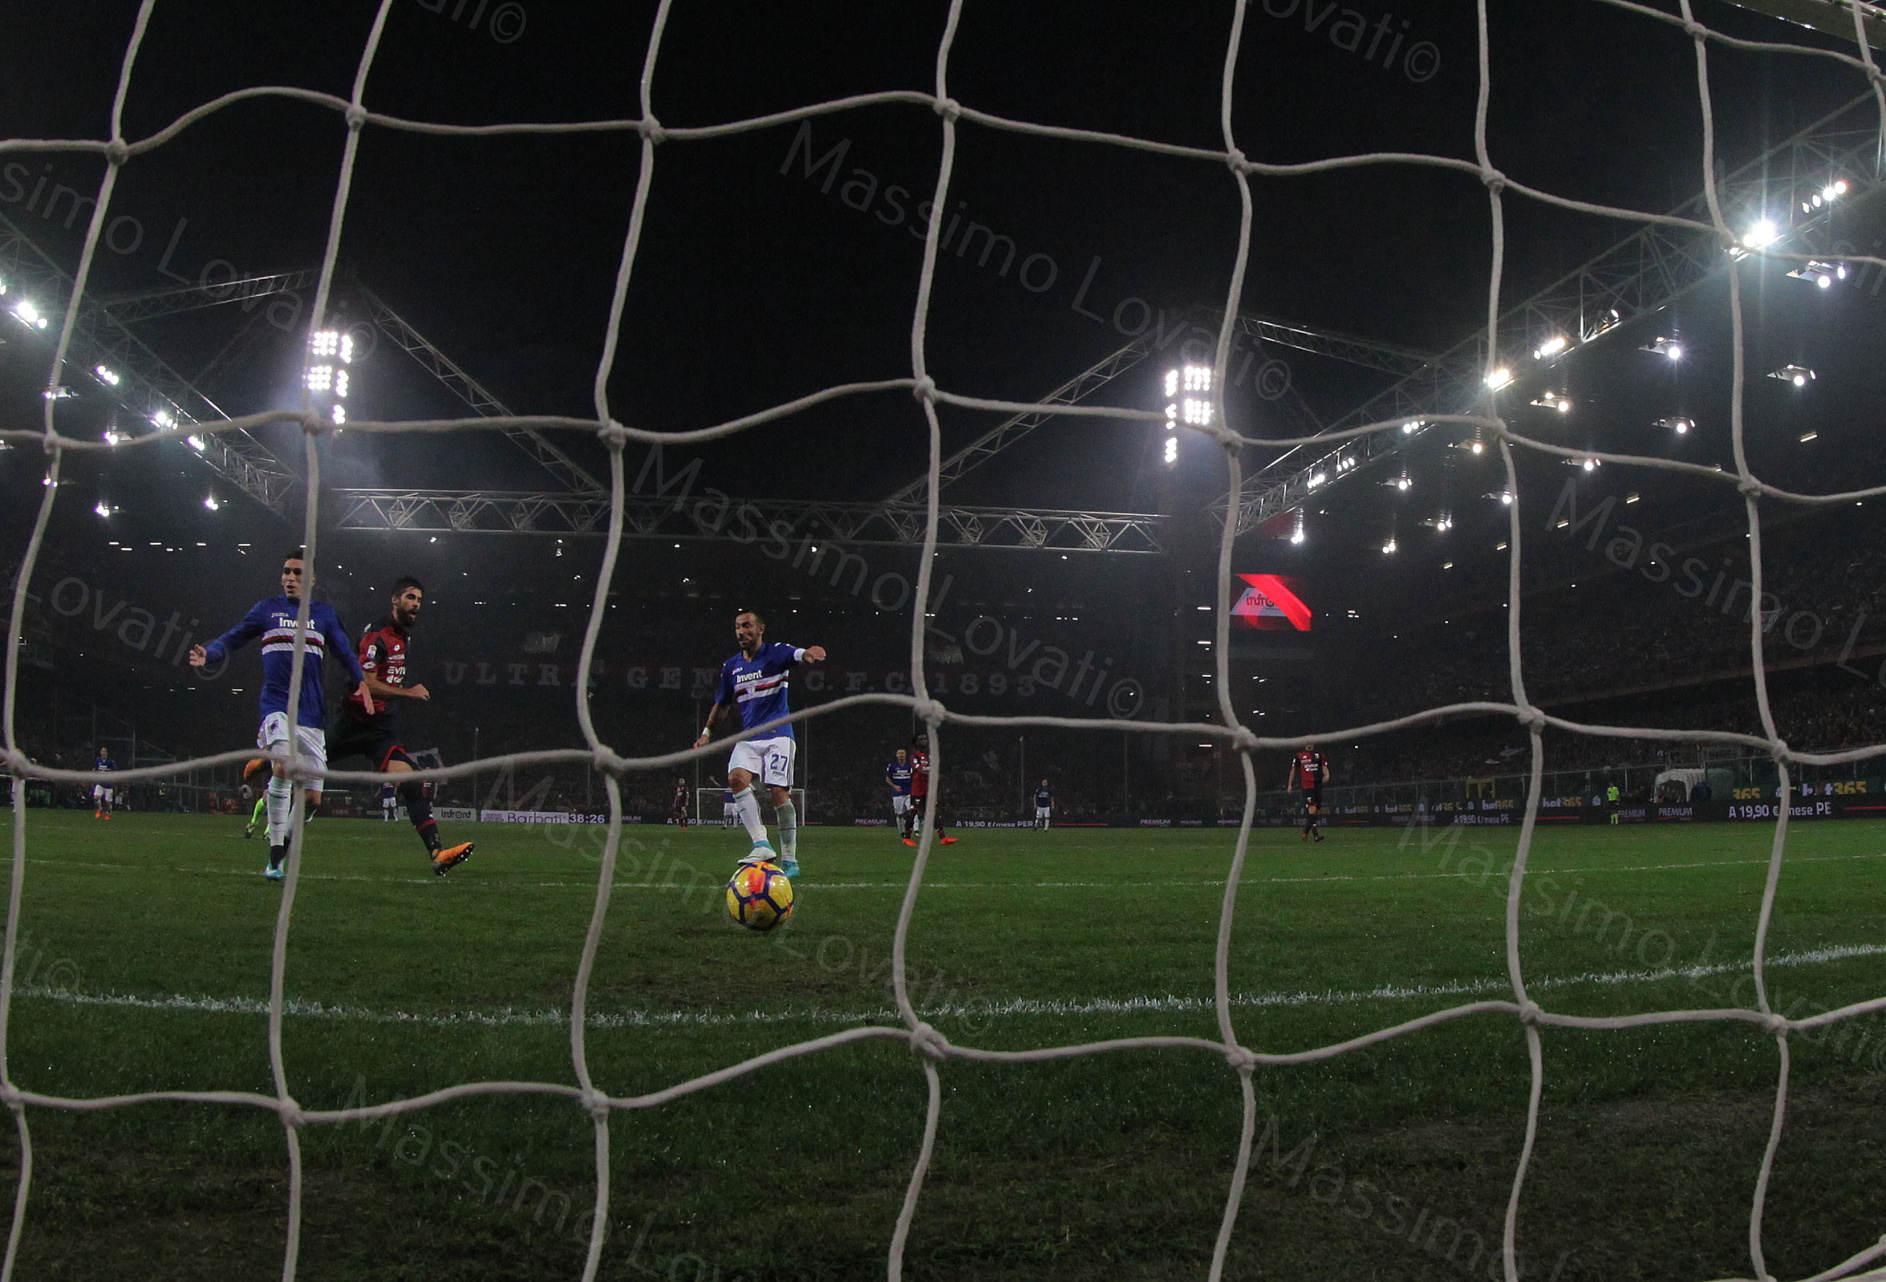 04/11/2017 Genova, Campionato di Calcio Serie A, Genoa - Sampdoria, nella foto Quagliarella tira in rete e fa goal